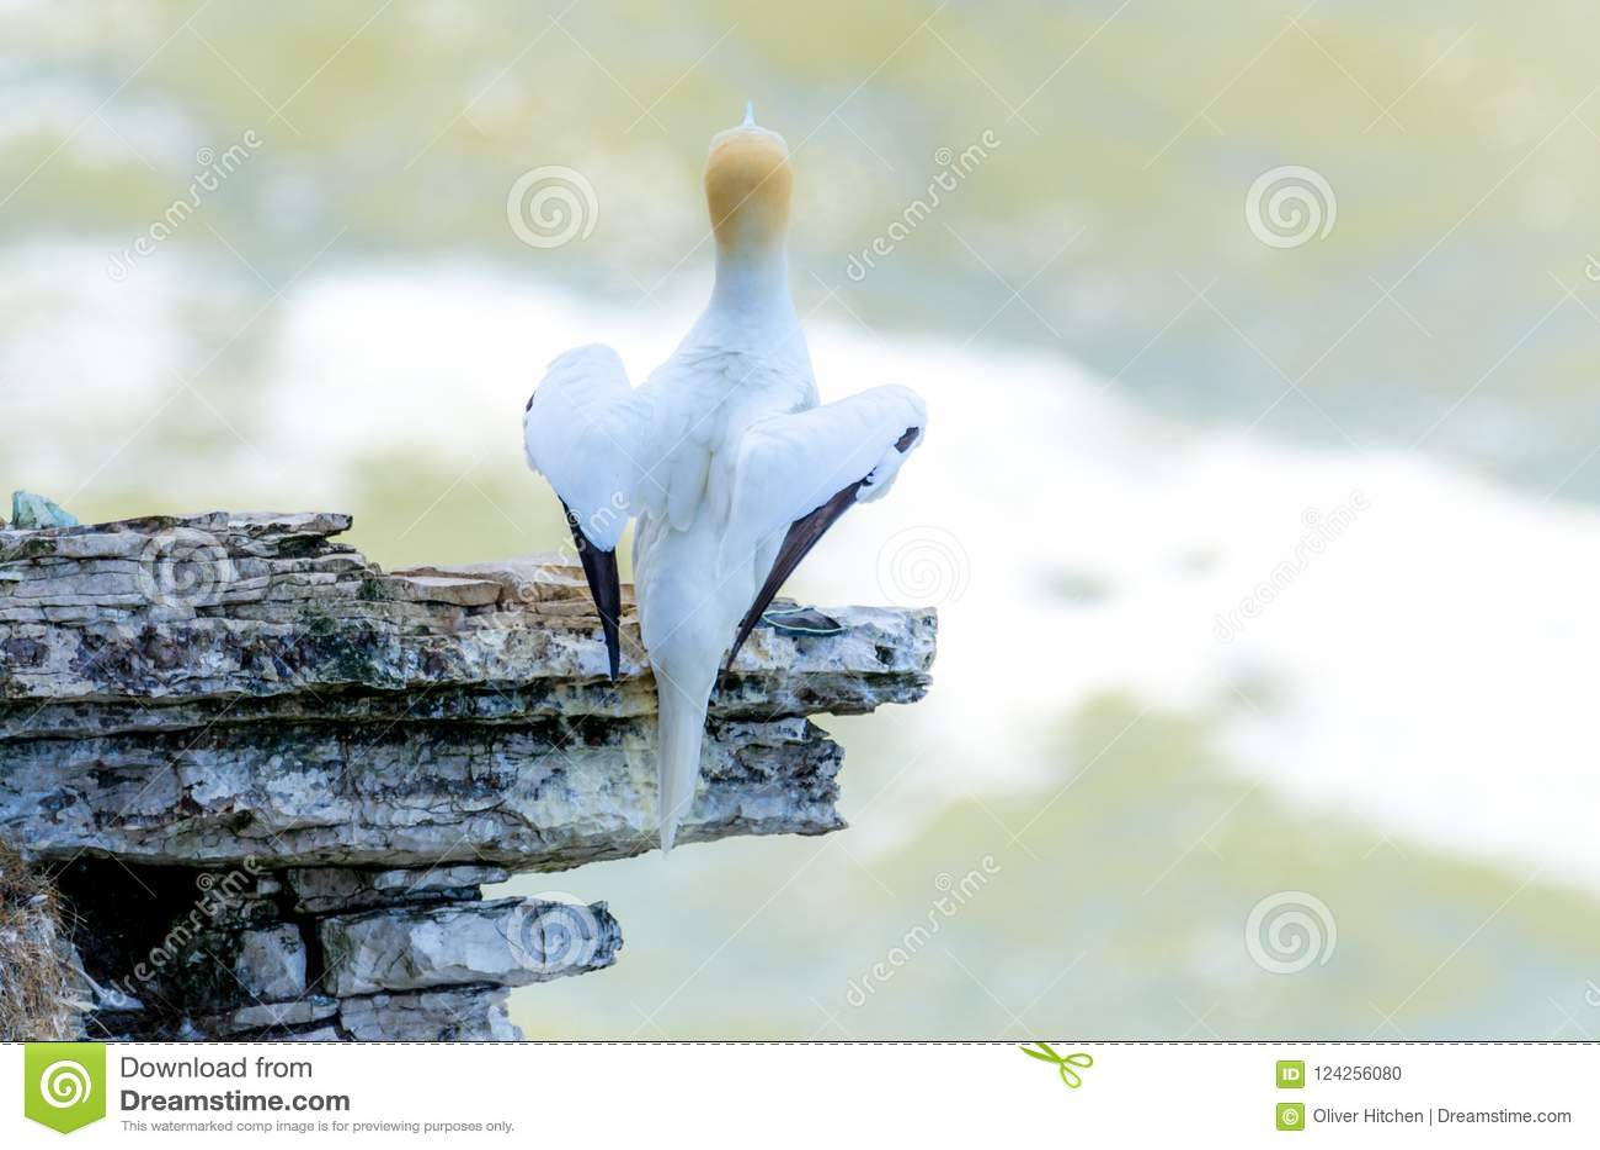 A rear view of an adult gannet bird nesting on a rocky outcrop